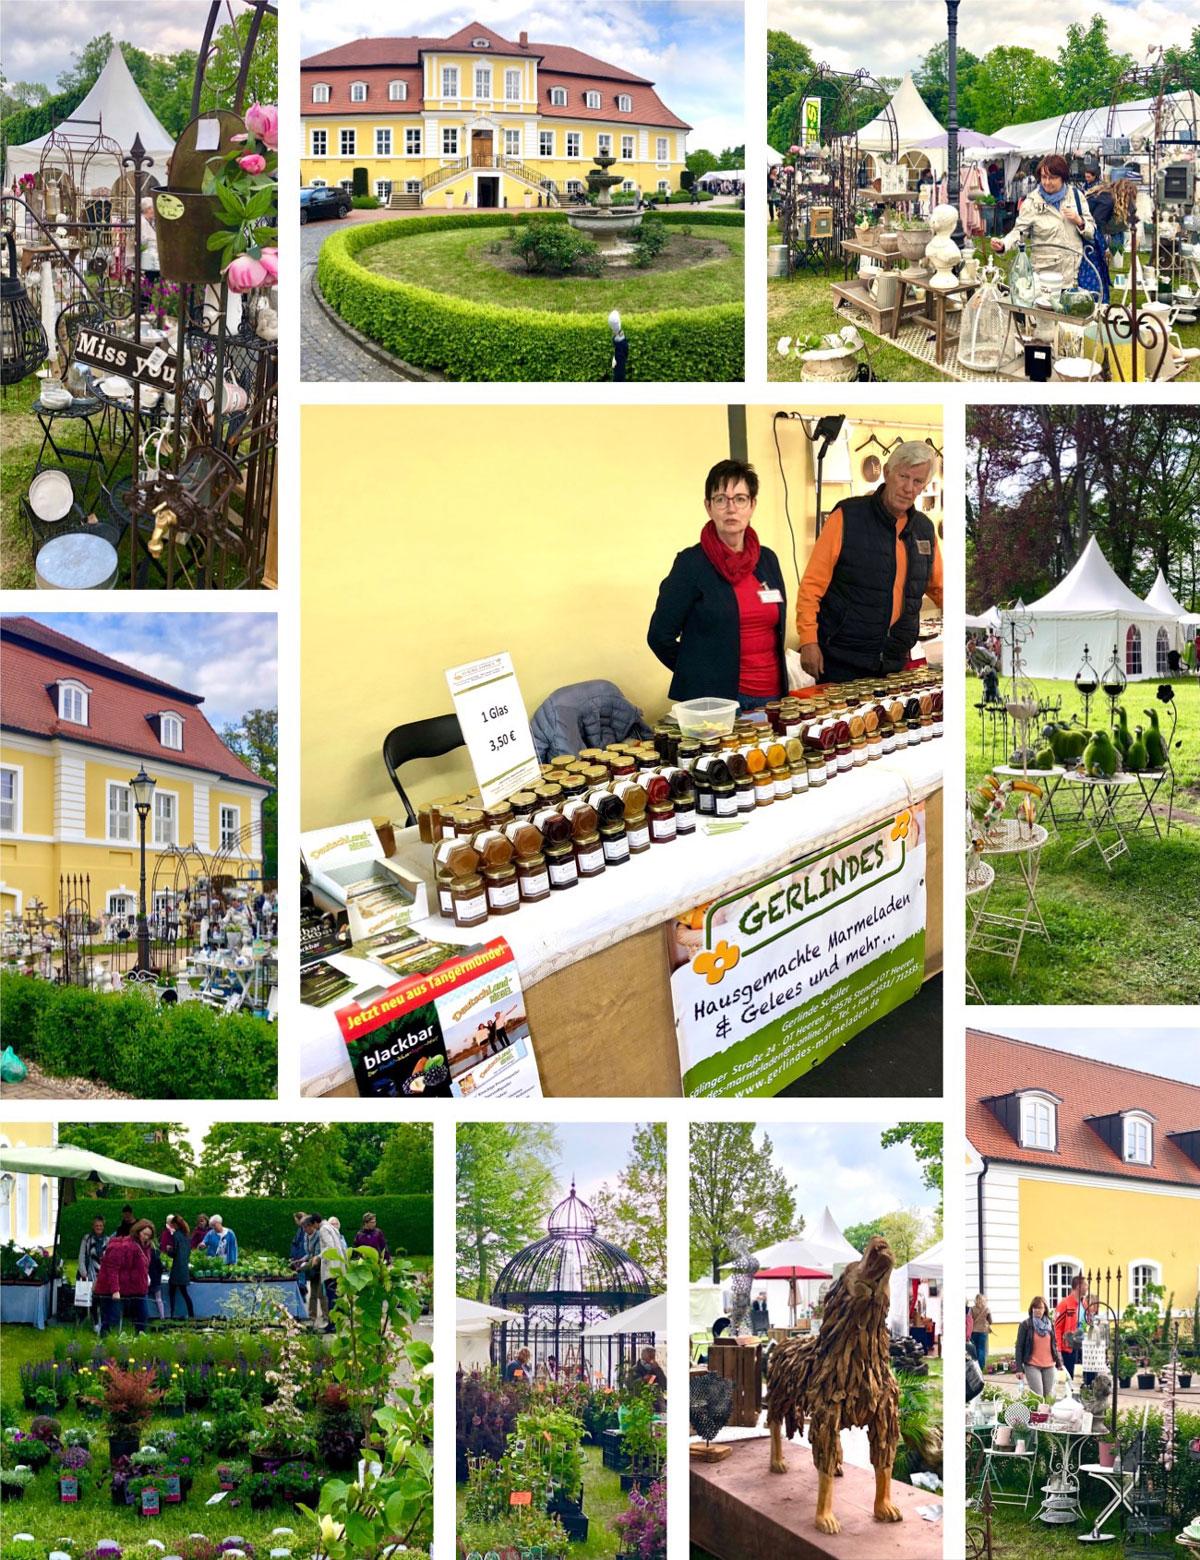 Döbbelin, Lebensart, Schloss, Ideen, Garten, Messe, Wohnen, Lifestyle, Gerlindes-Marmeladen, Deutschlandriegel, Bismarck